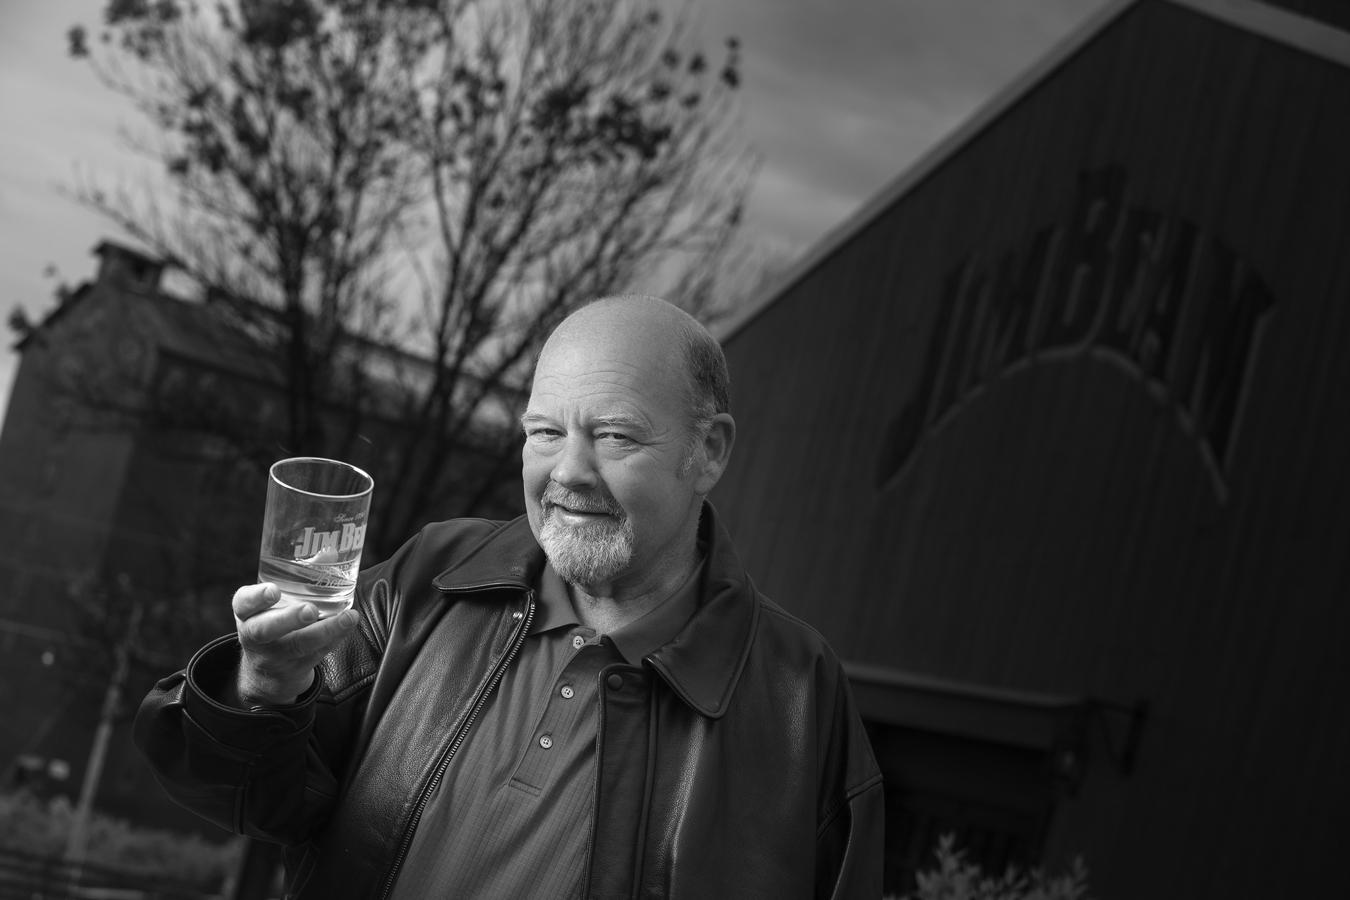 MONTECRISTO Blog: Fred Noe Talks Bourbon, Jim Beam